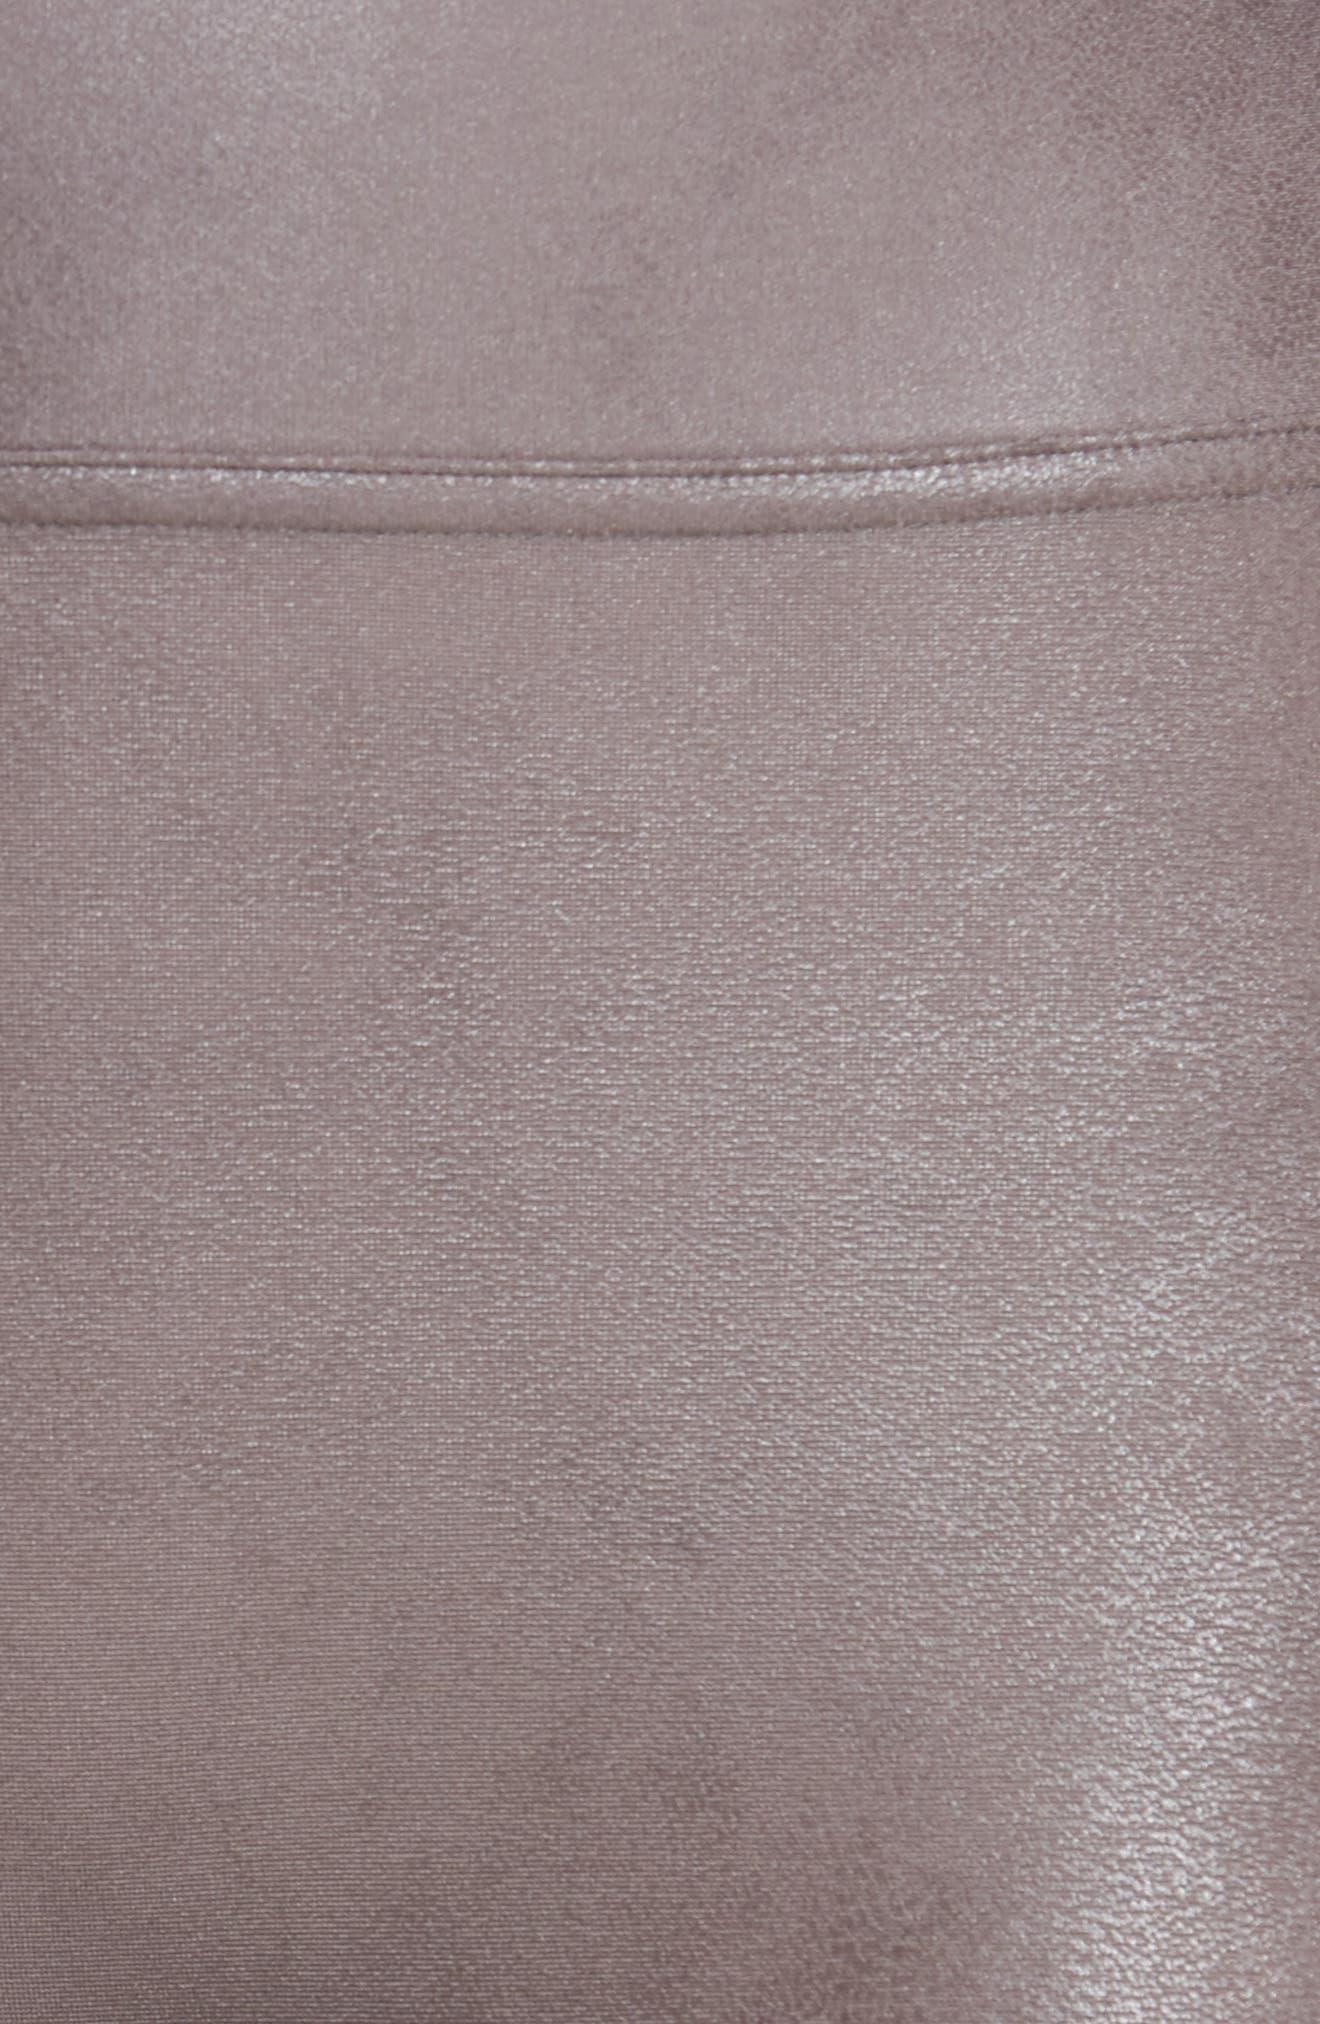 Faux Leather Leggings,                             Alternate thumbnail 6, color,                             Antique Rose